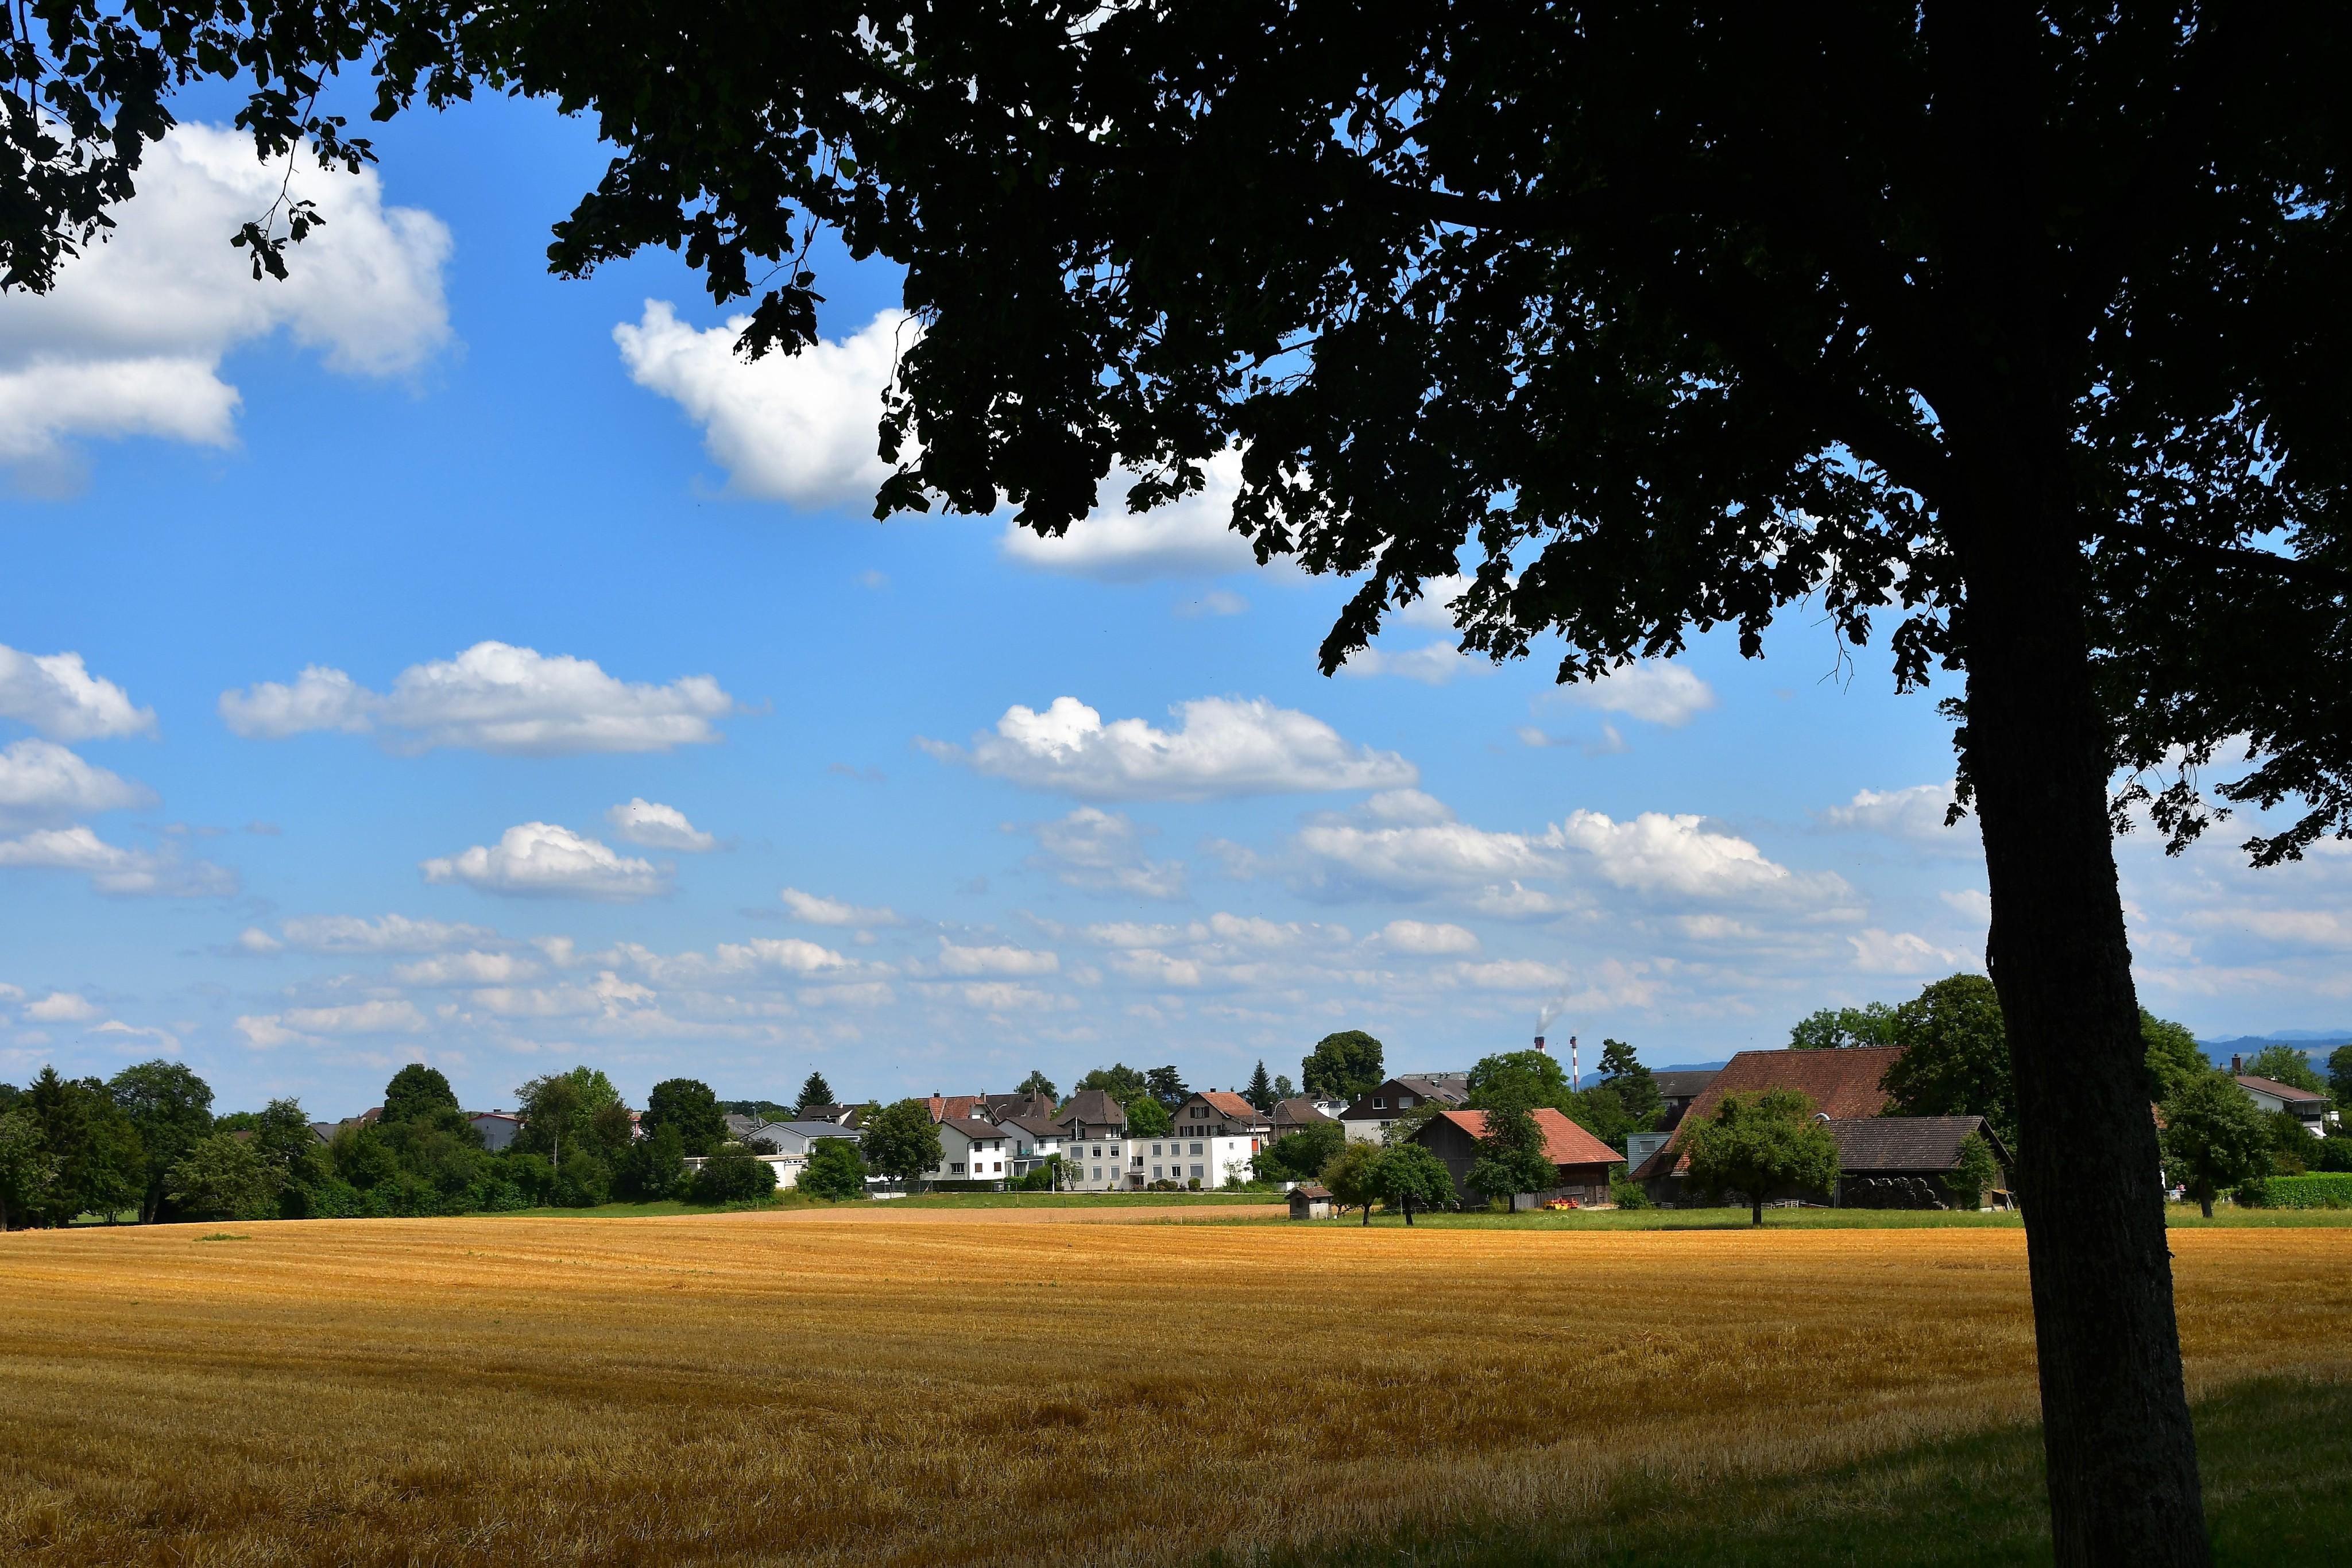 landscapes-feldbrunnen-14.07-1